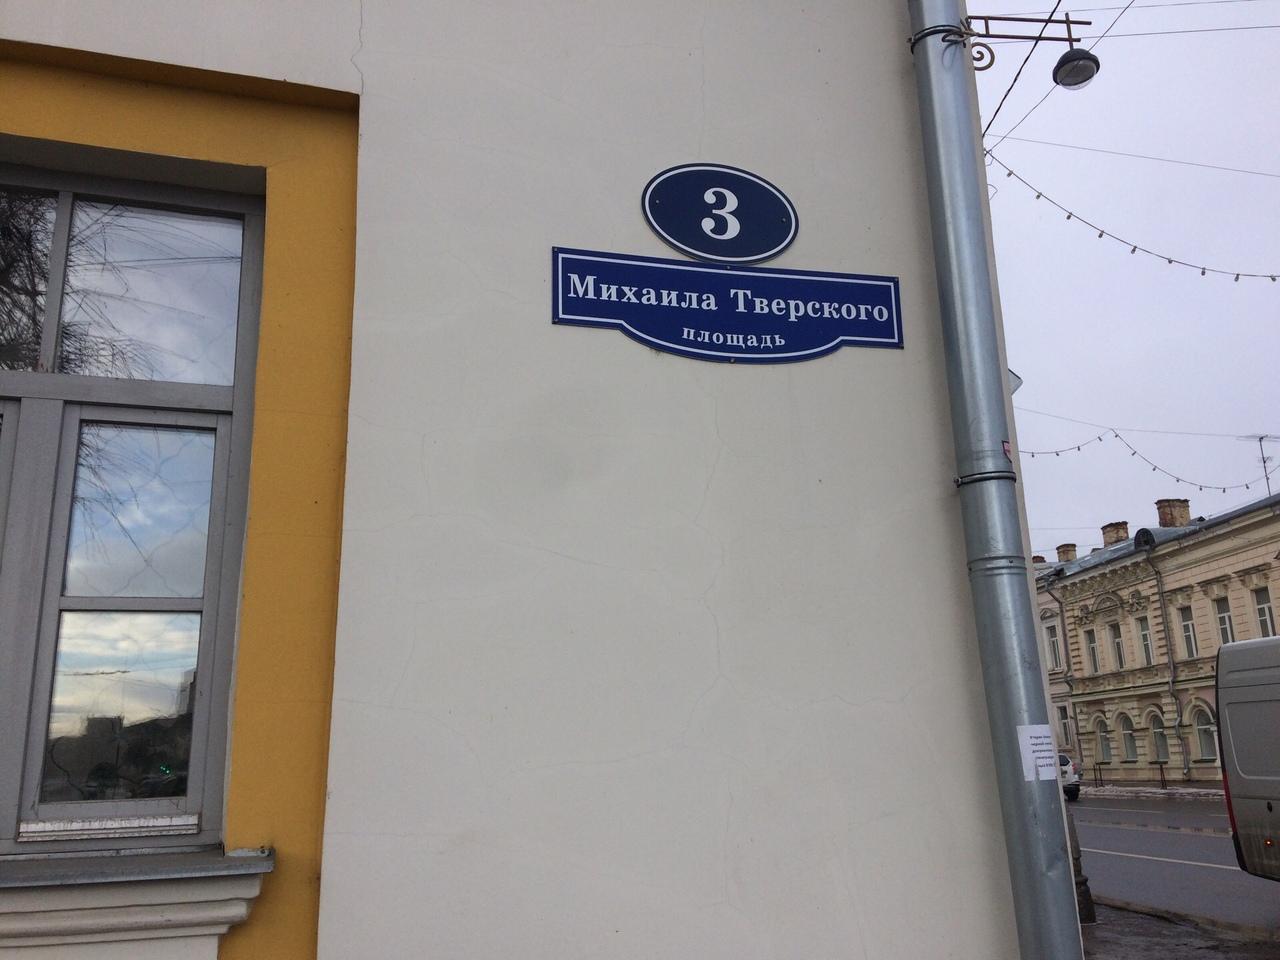 На дважды переименованной площади в Твери поменяли таблички